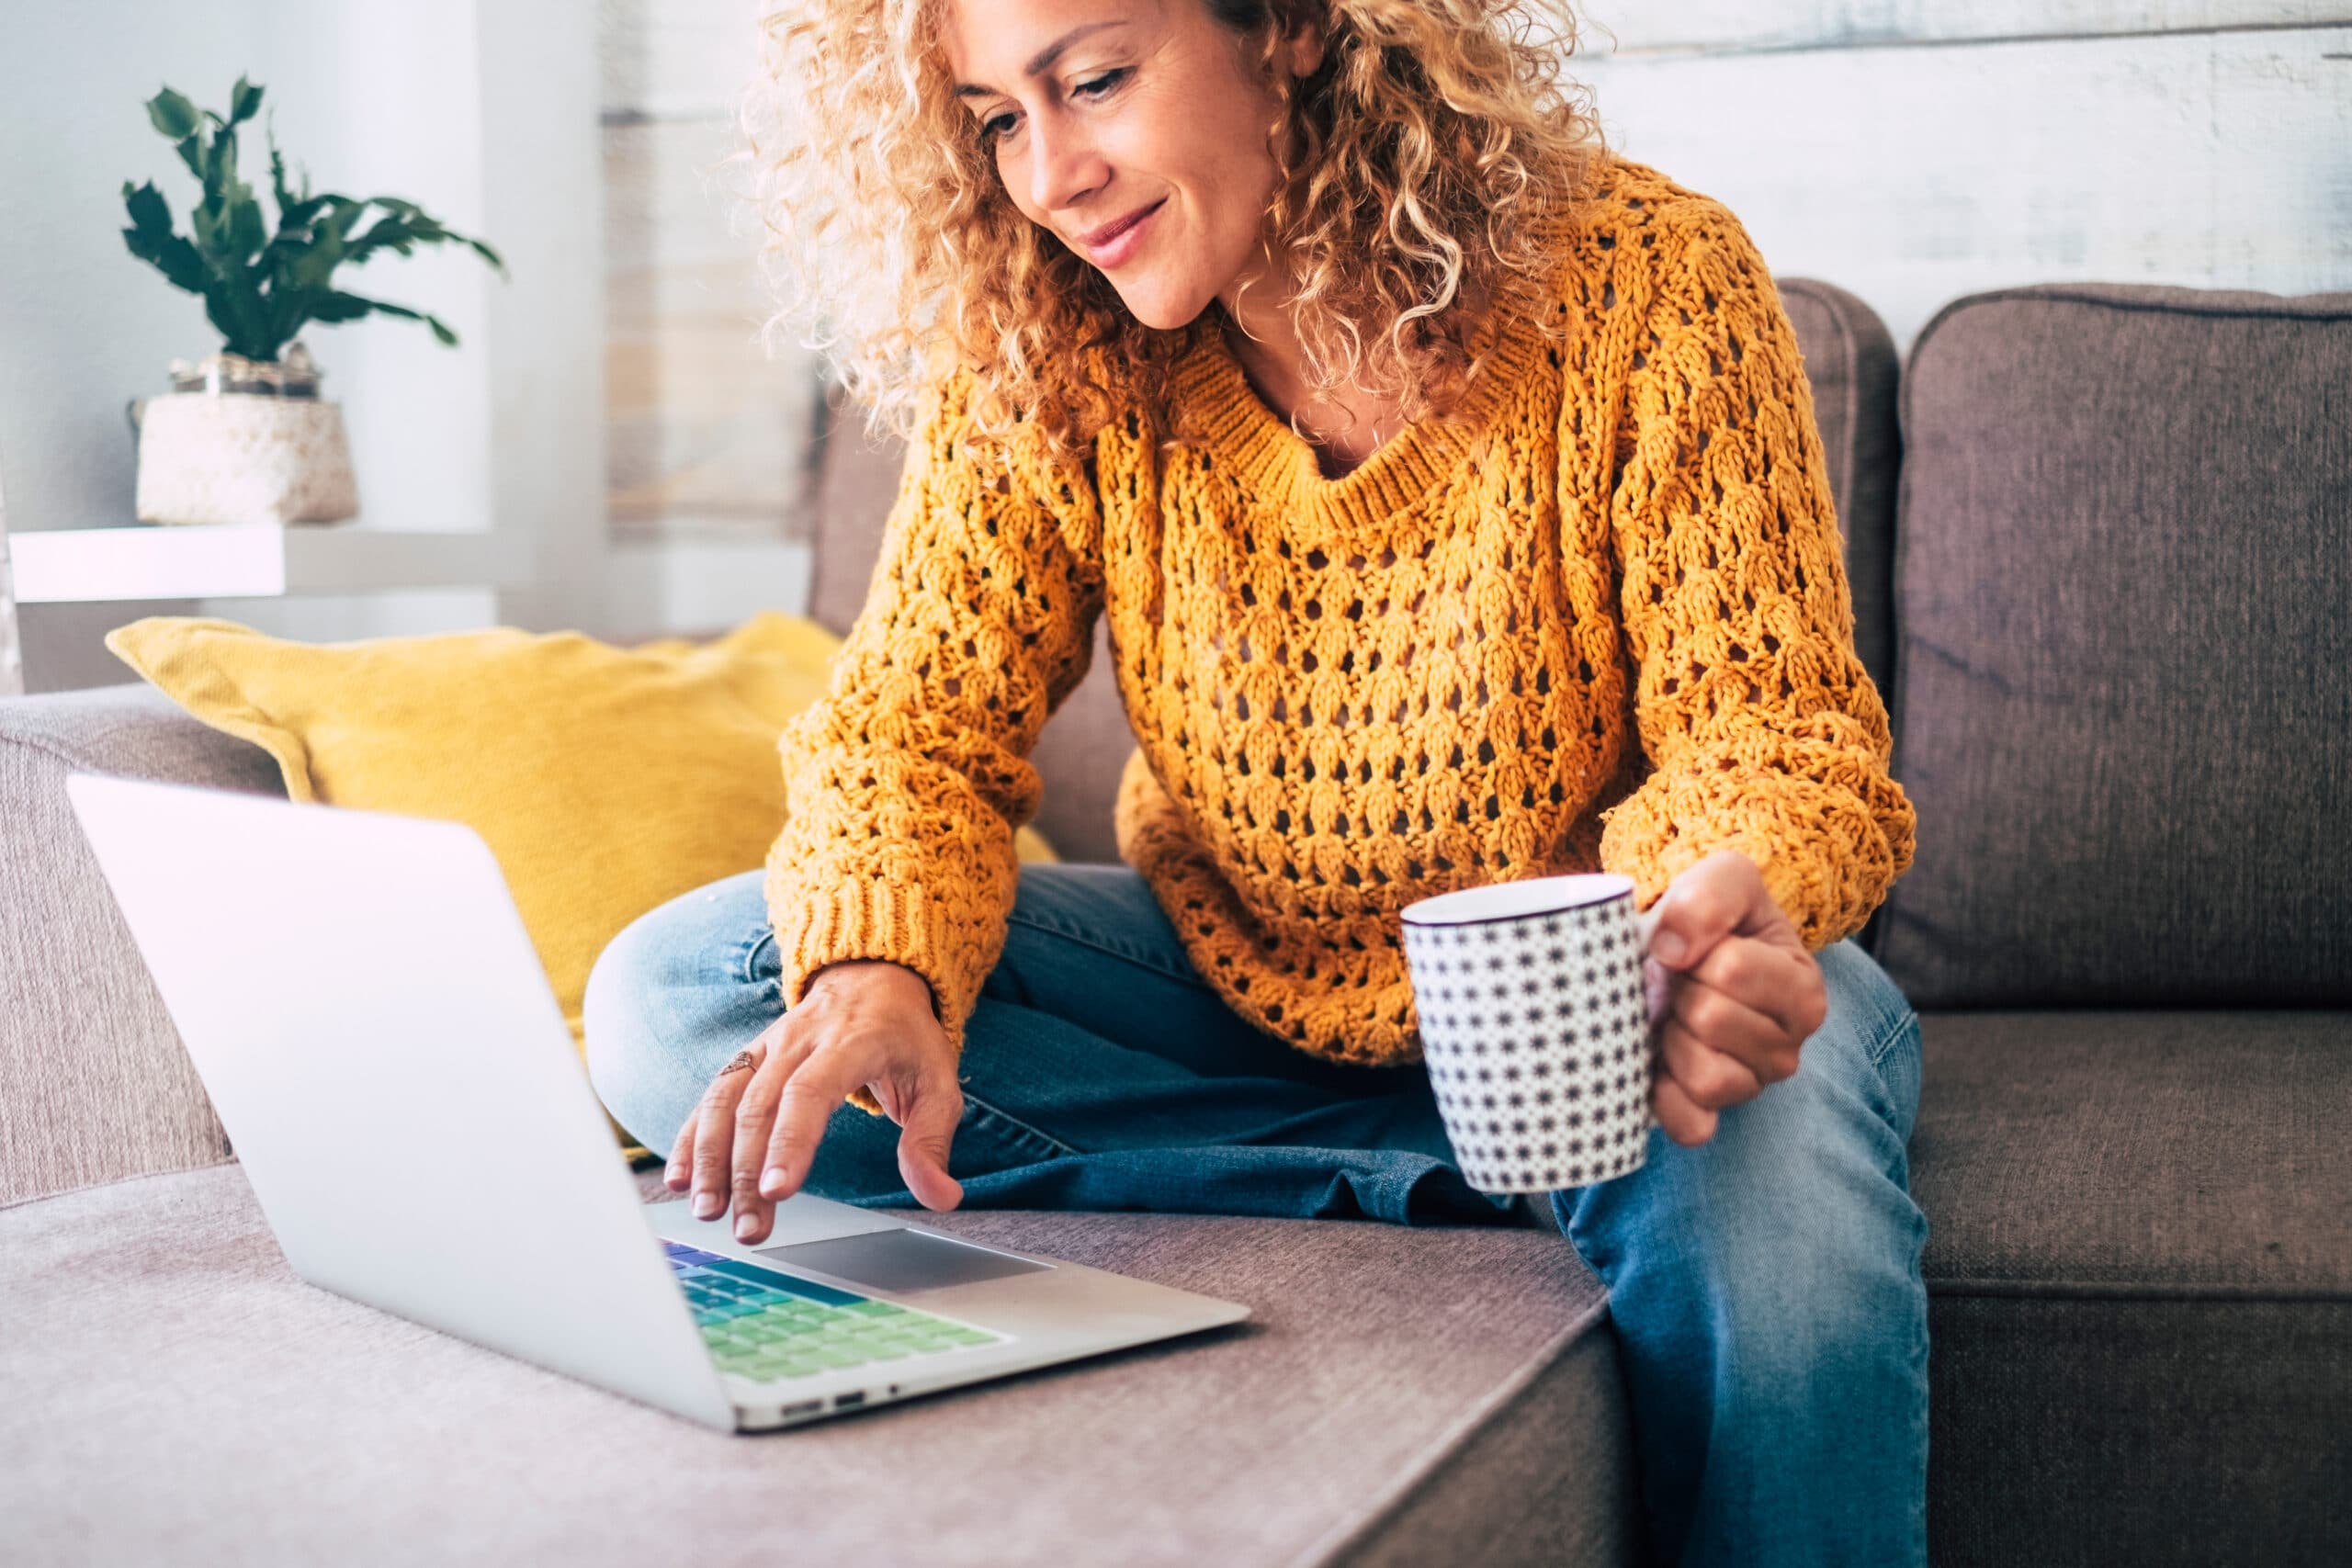 Somen parhaat yrittäjäyhteisöt. Nainen katsoo tietokonetta hymyillen.